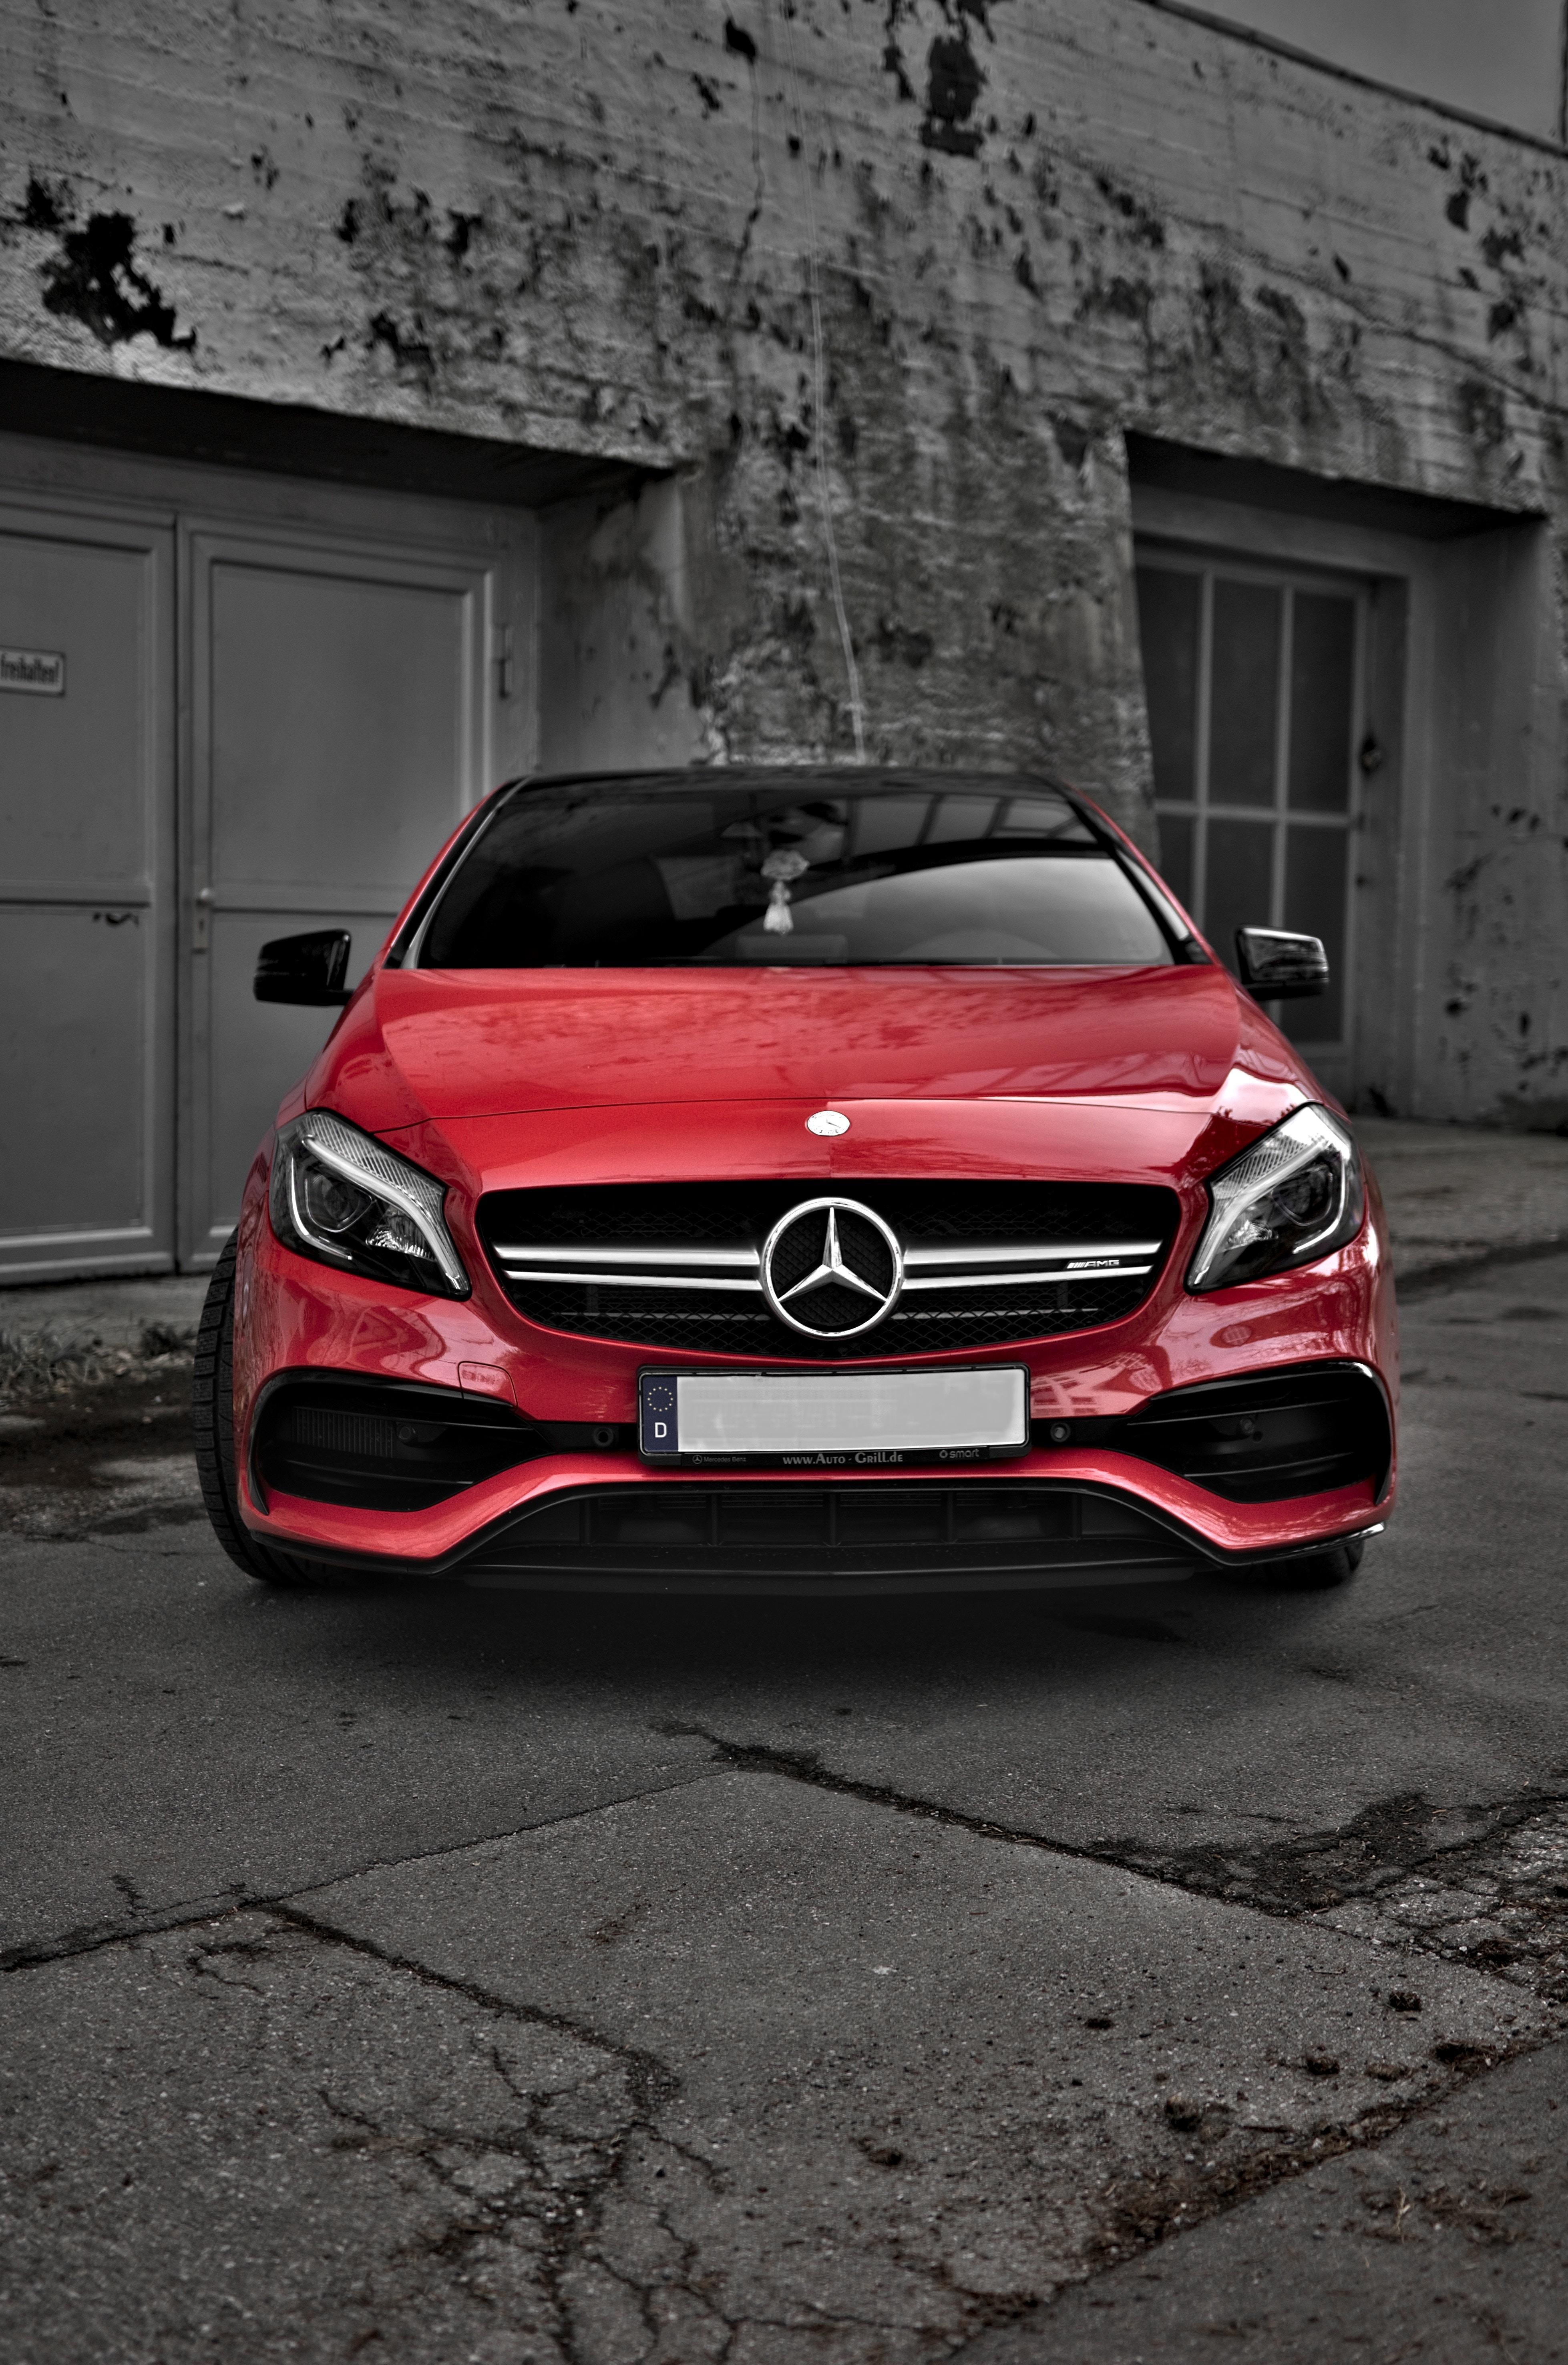 136972 Hintergrundbild herunterladen Auto, Mercedes, Cars, Gebäude, Vorderansicht, Frontansicht, Maschine - Bildschirmschoner und Bilder kostenlos